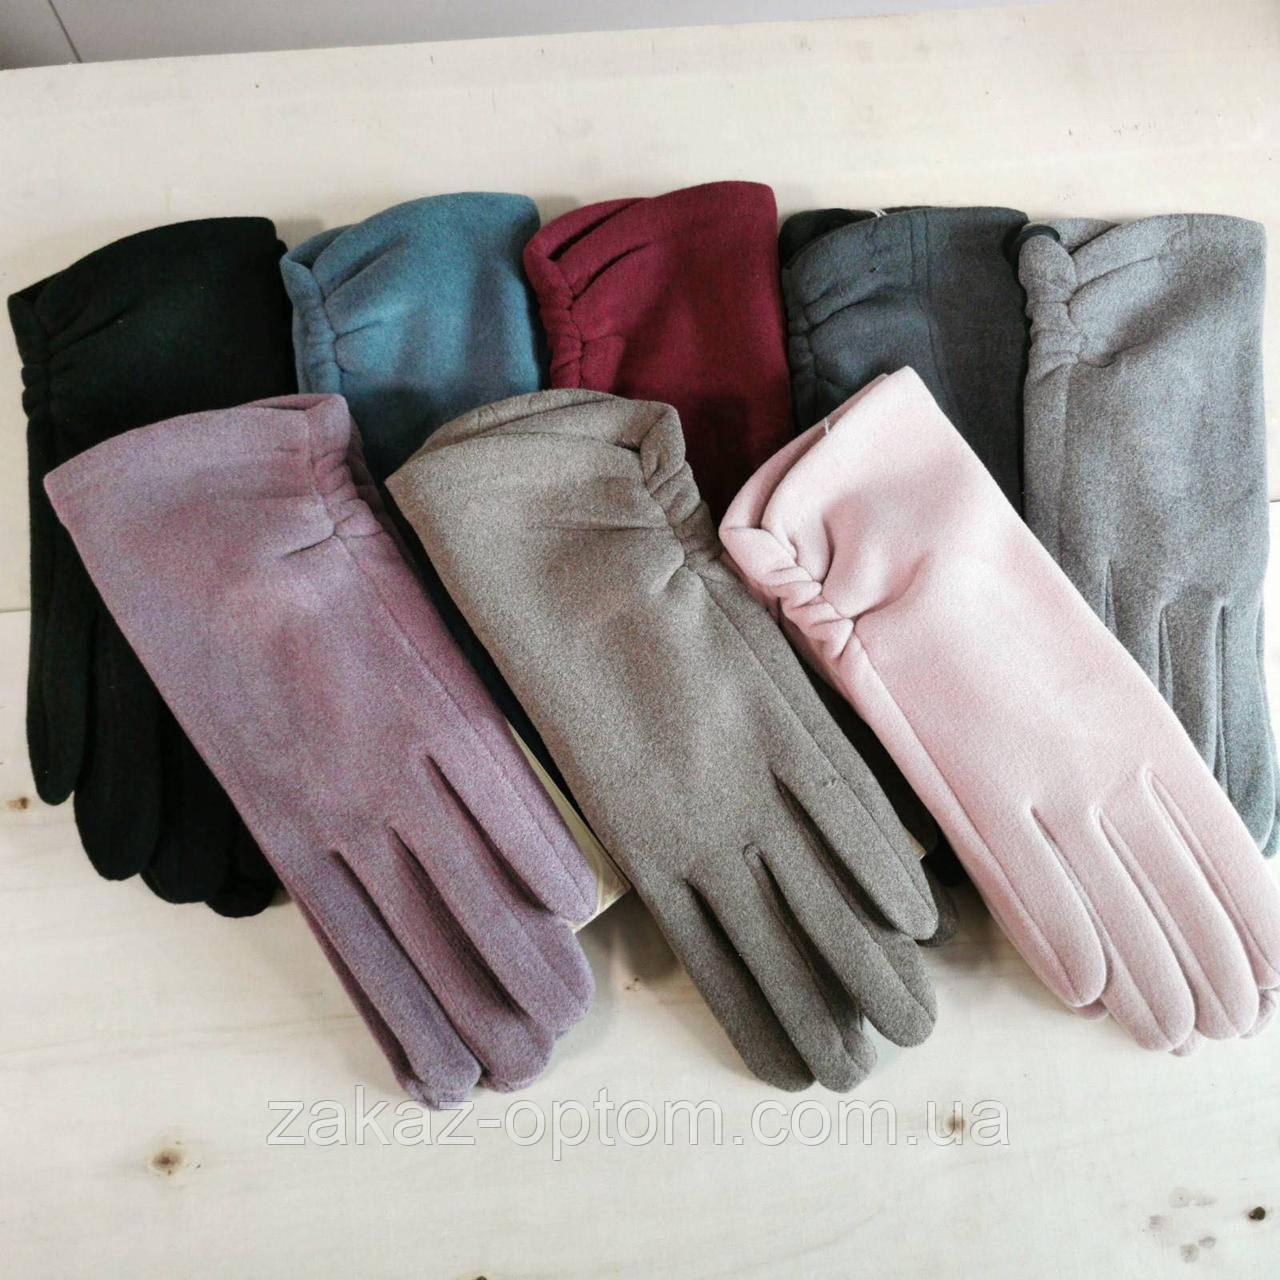 Перчатки женские сенсорные пальтовая ткань оптом Китай-82062